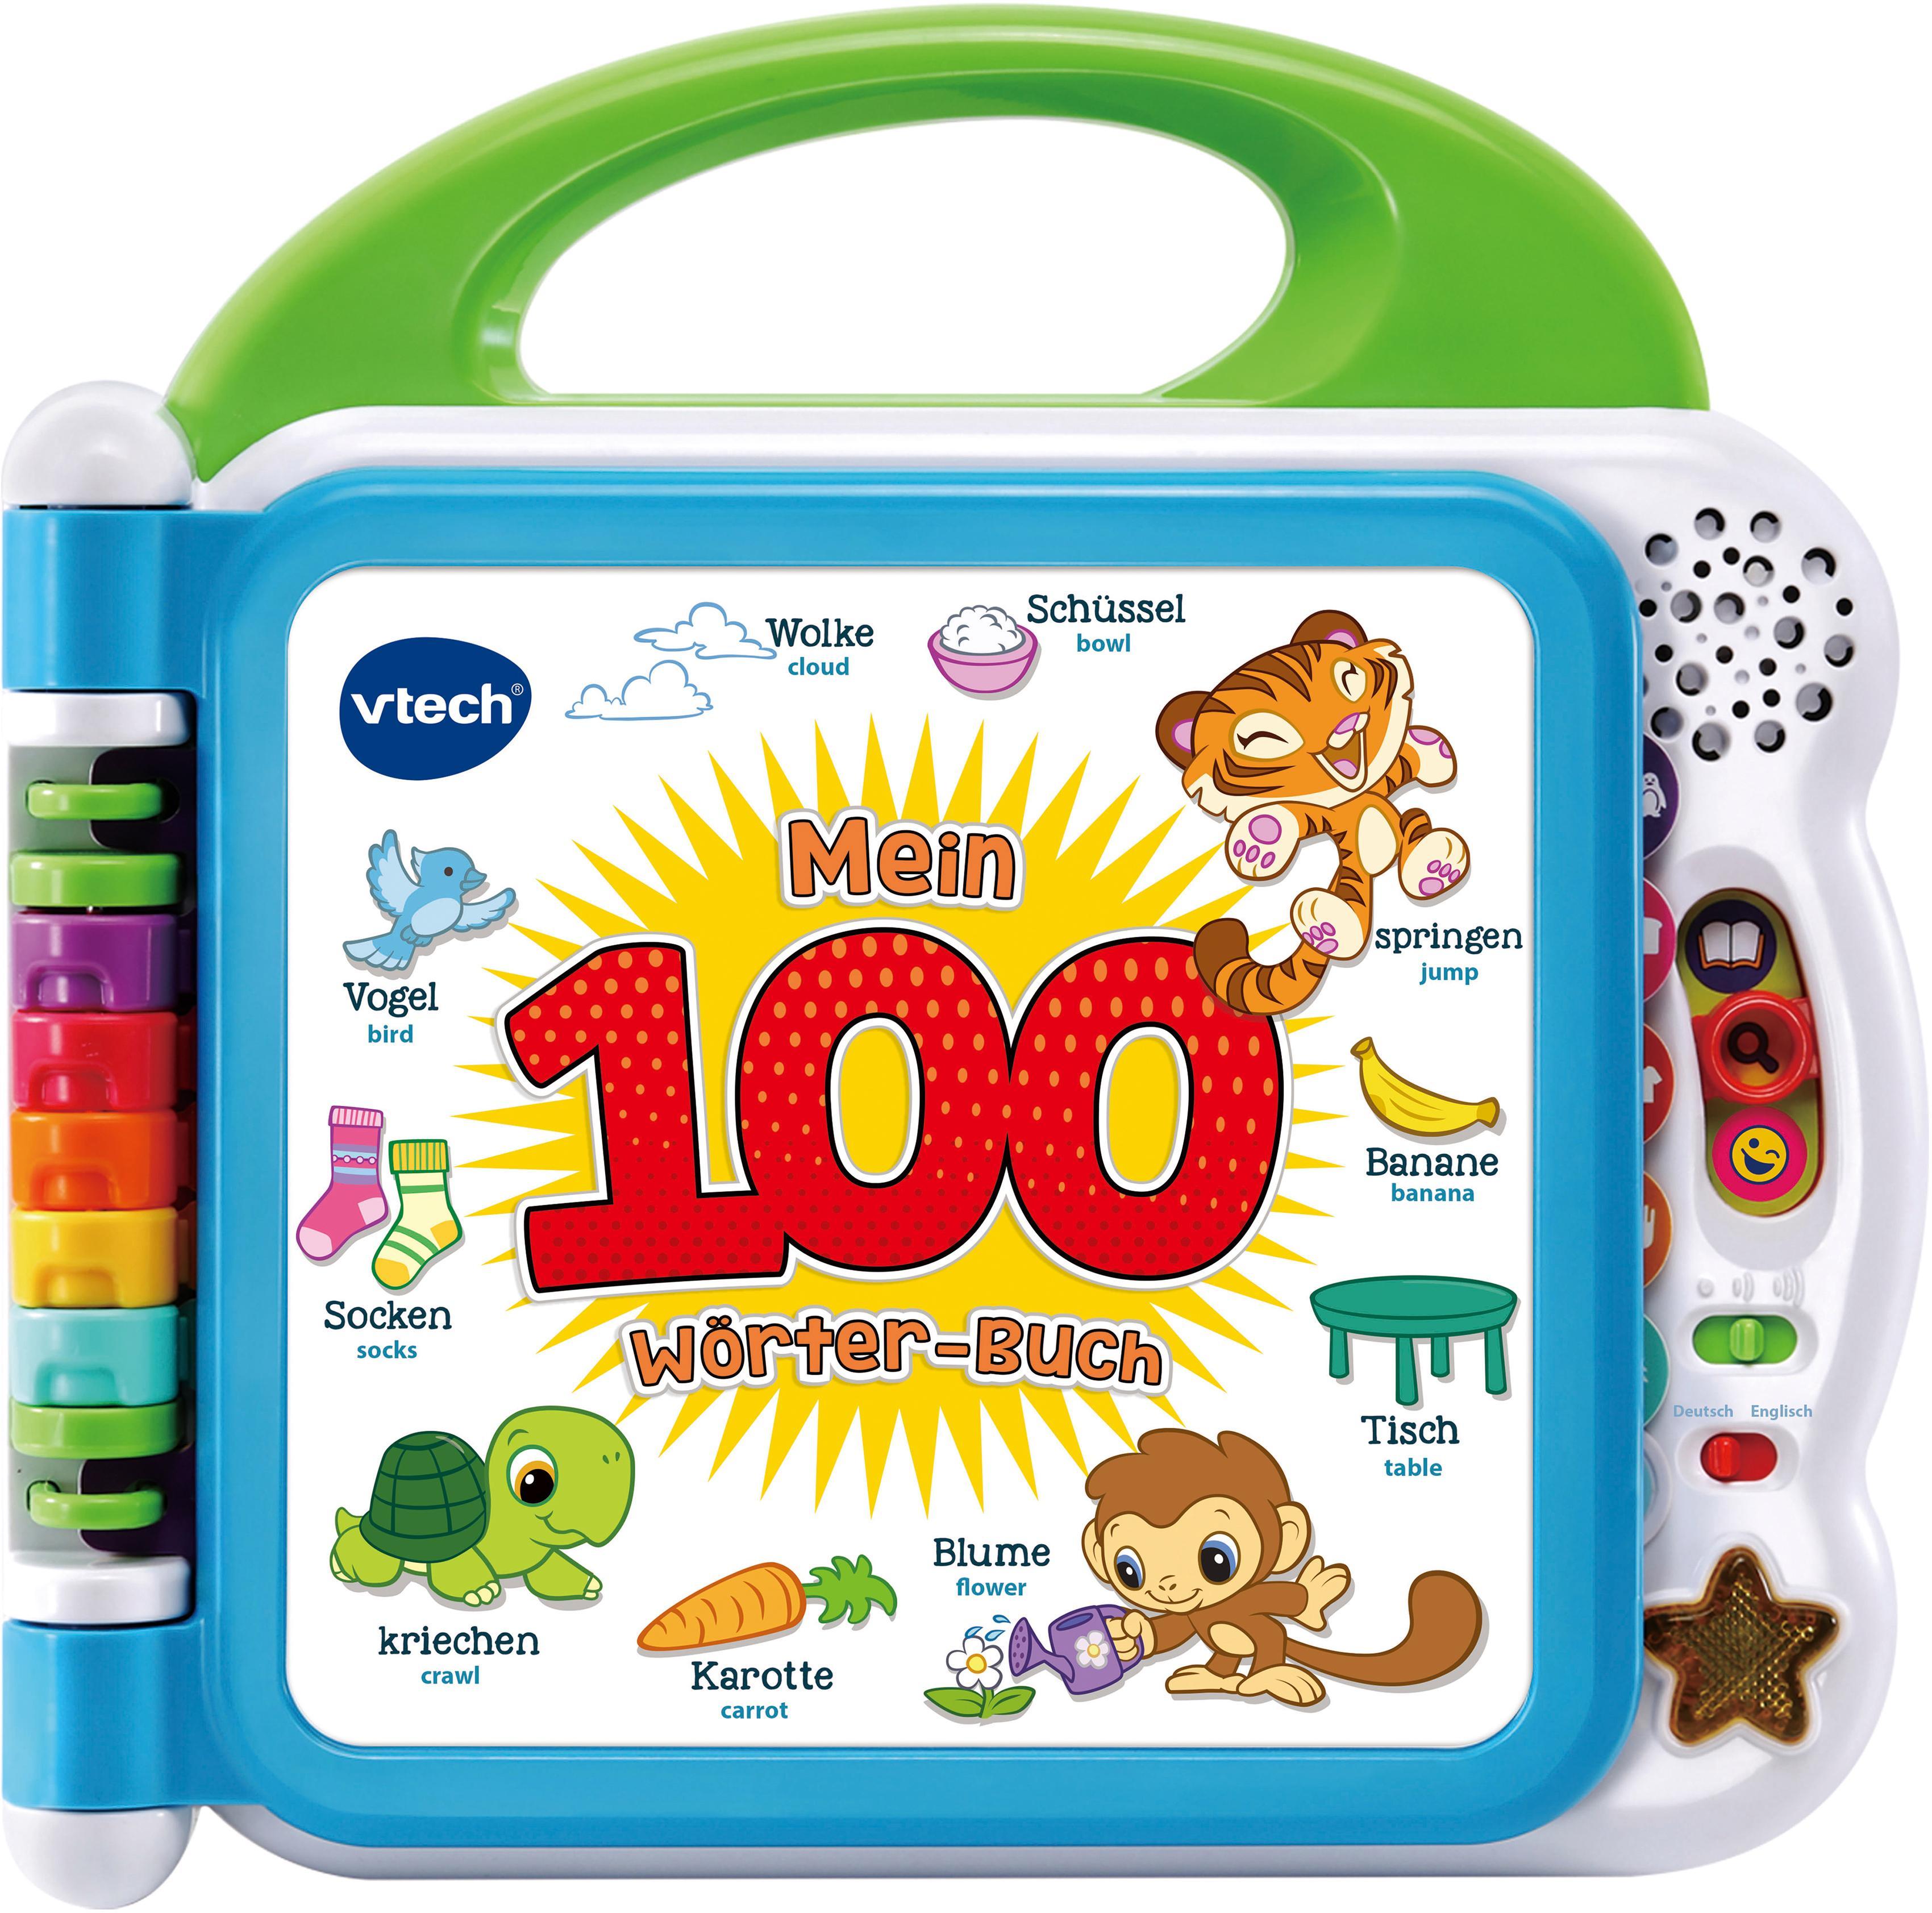 """Vtech Buch """"Mein 100-Wörter-Buch"""" Kindermode/Spielzeug/Lernspielzeug/Lernspiele"""